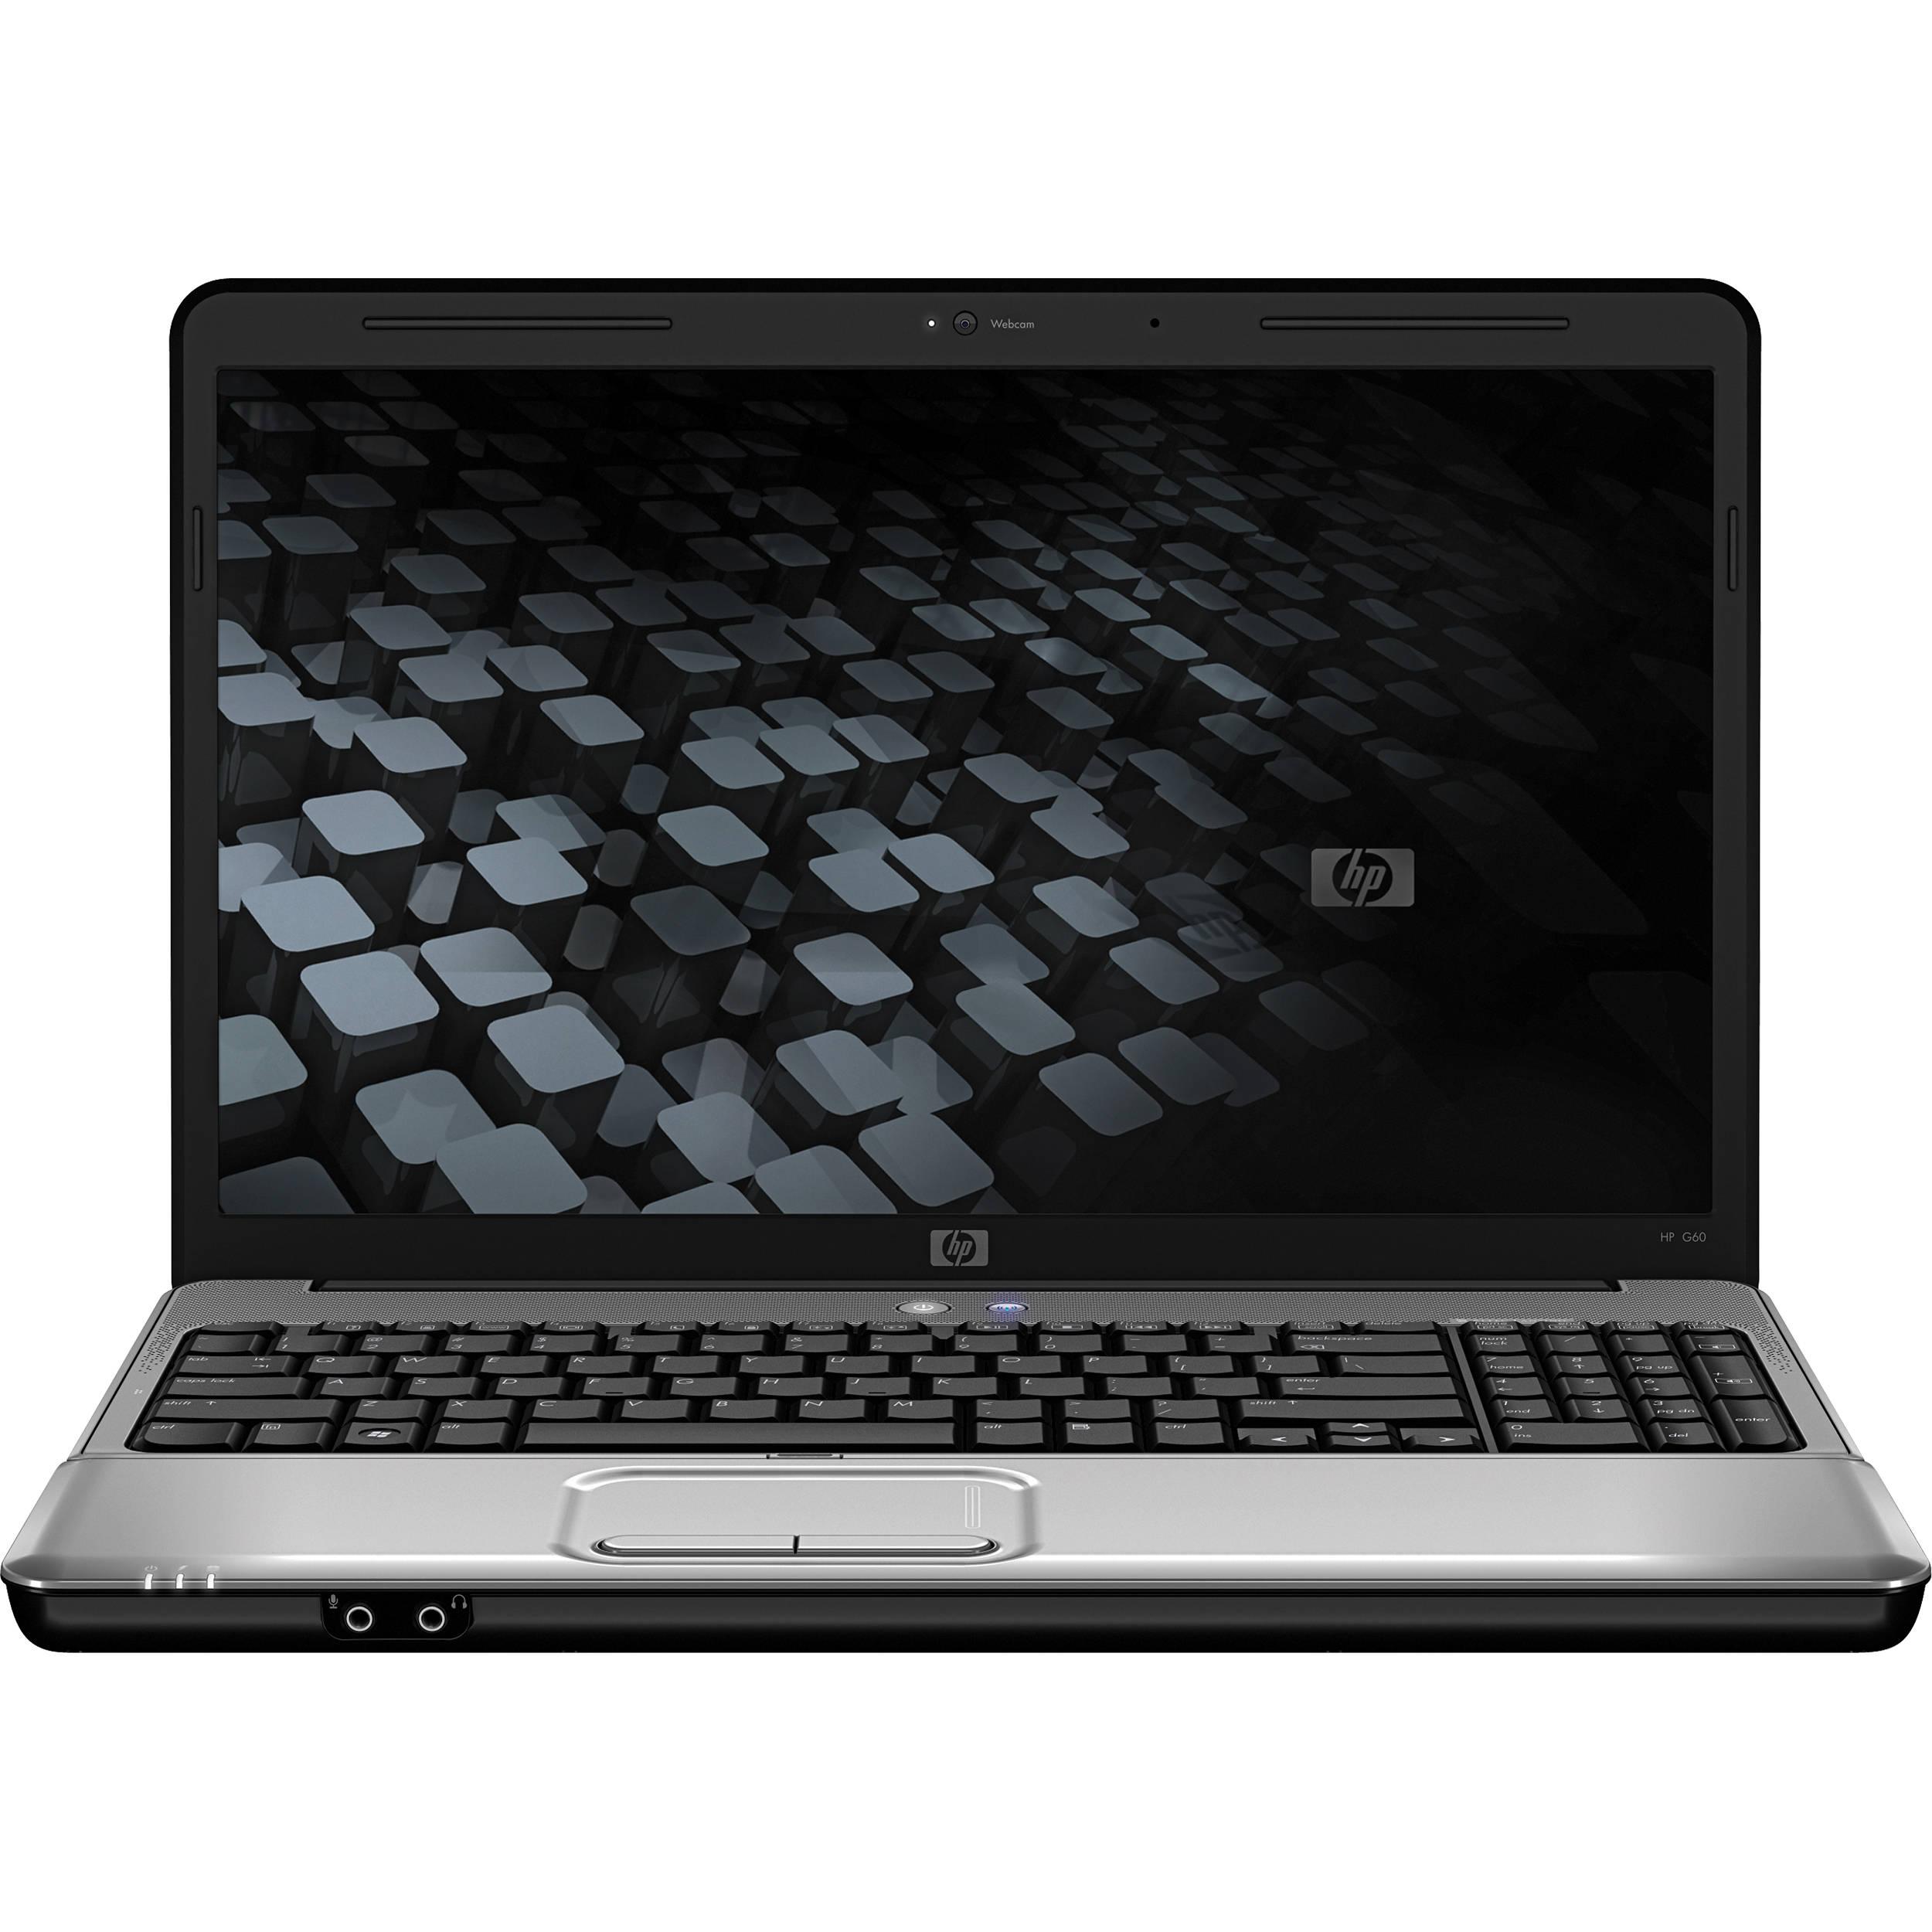 HP G50-101XX Notebook Modem Windows 8